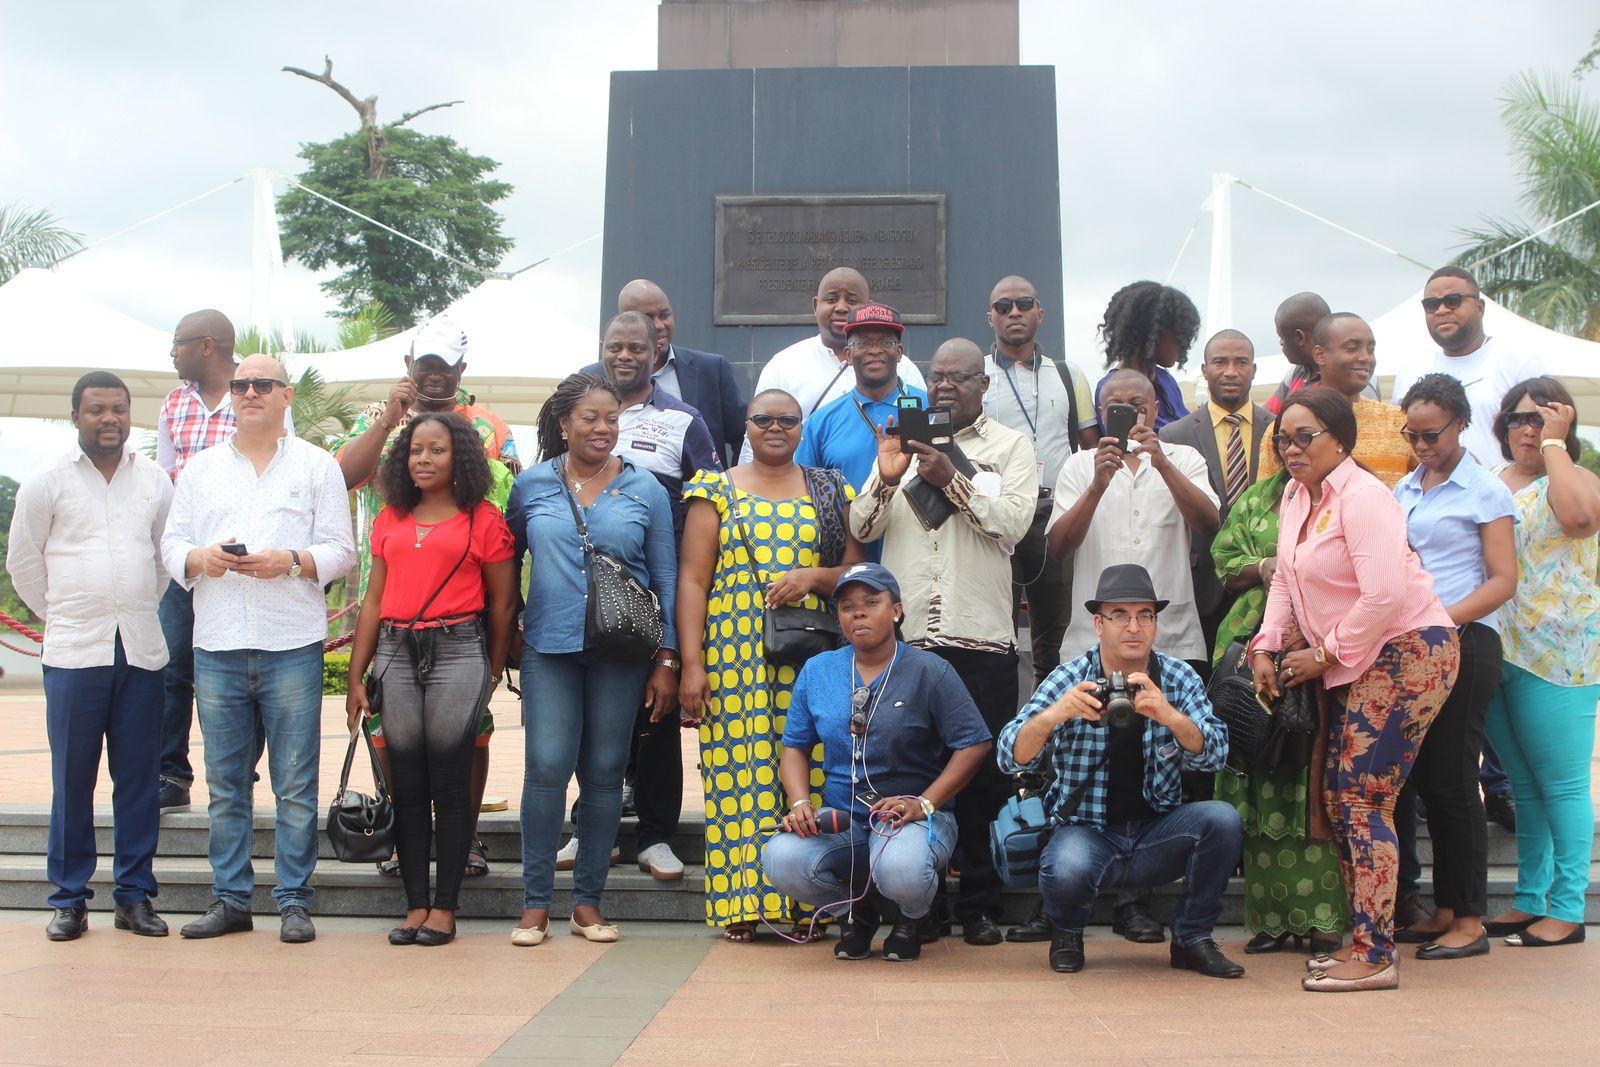 Malabo, capitale africaine des droits de l'Homme durant une semaine